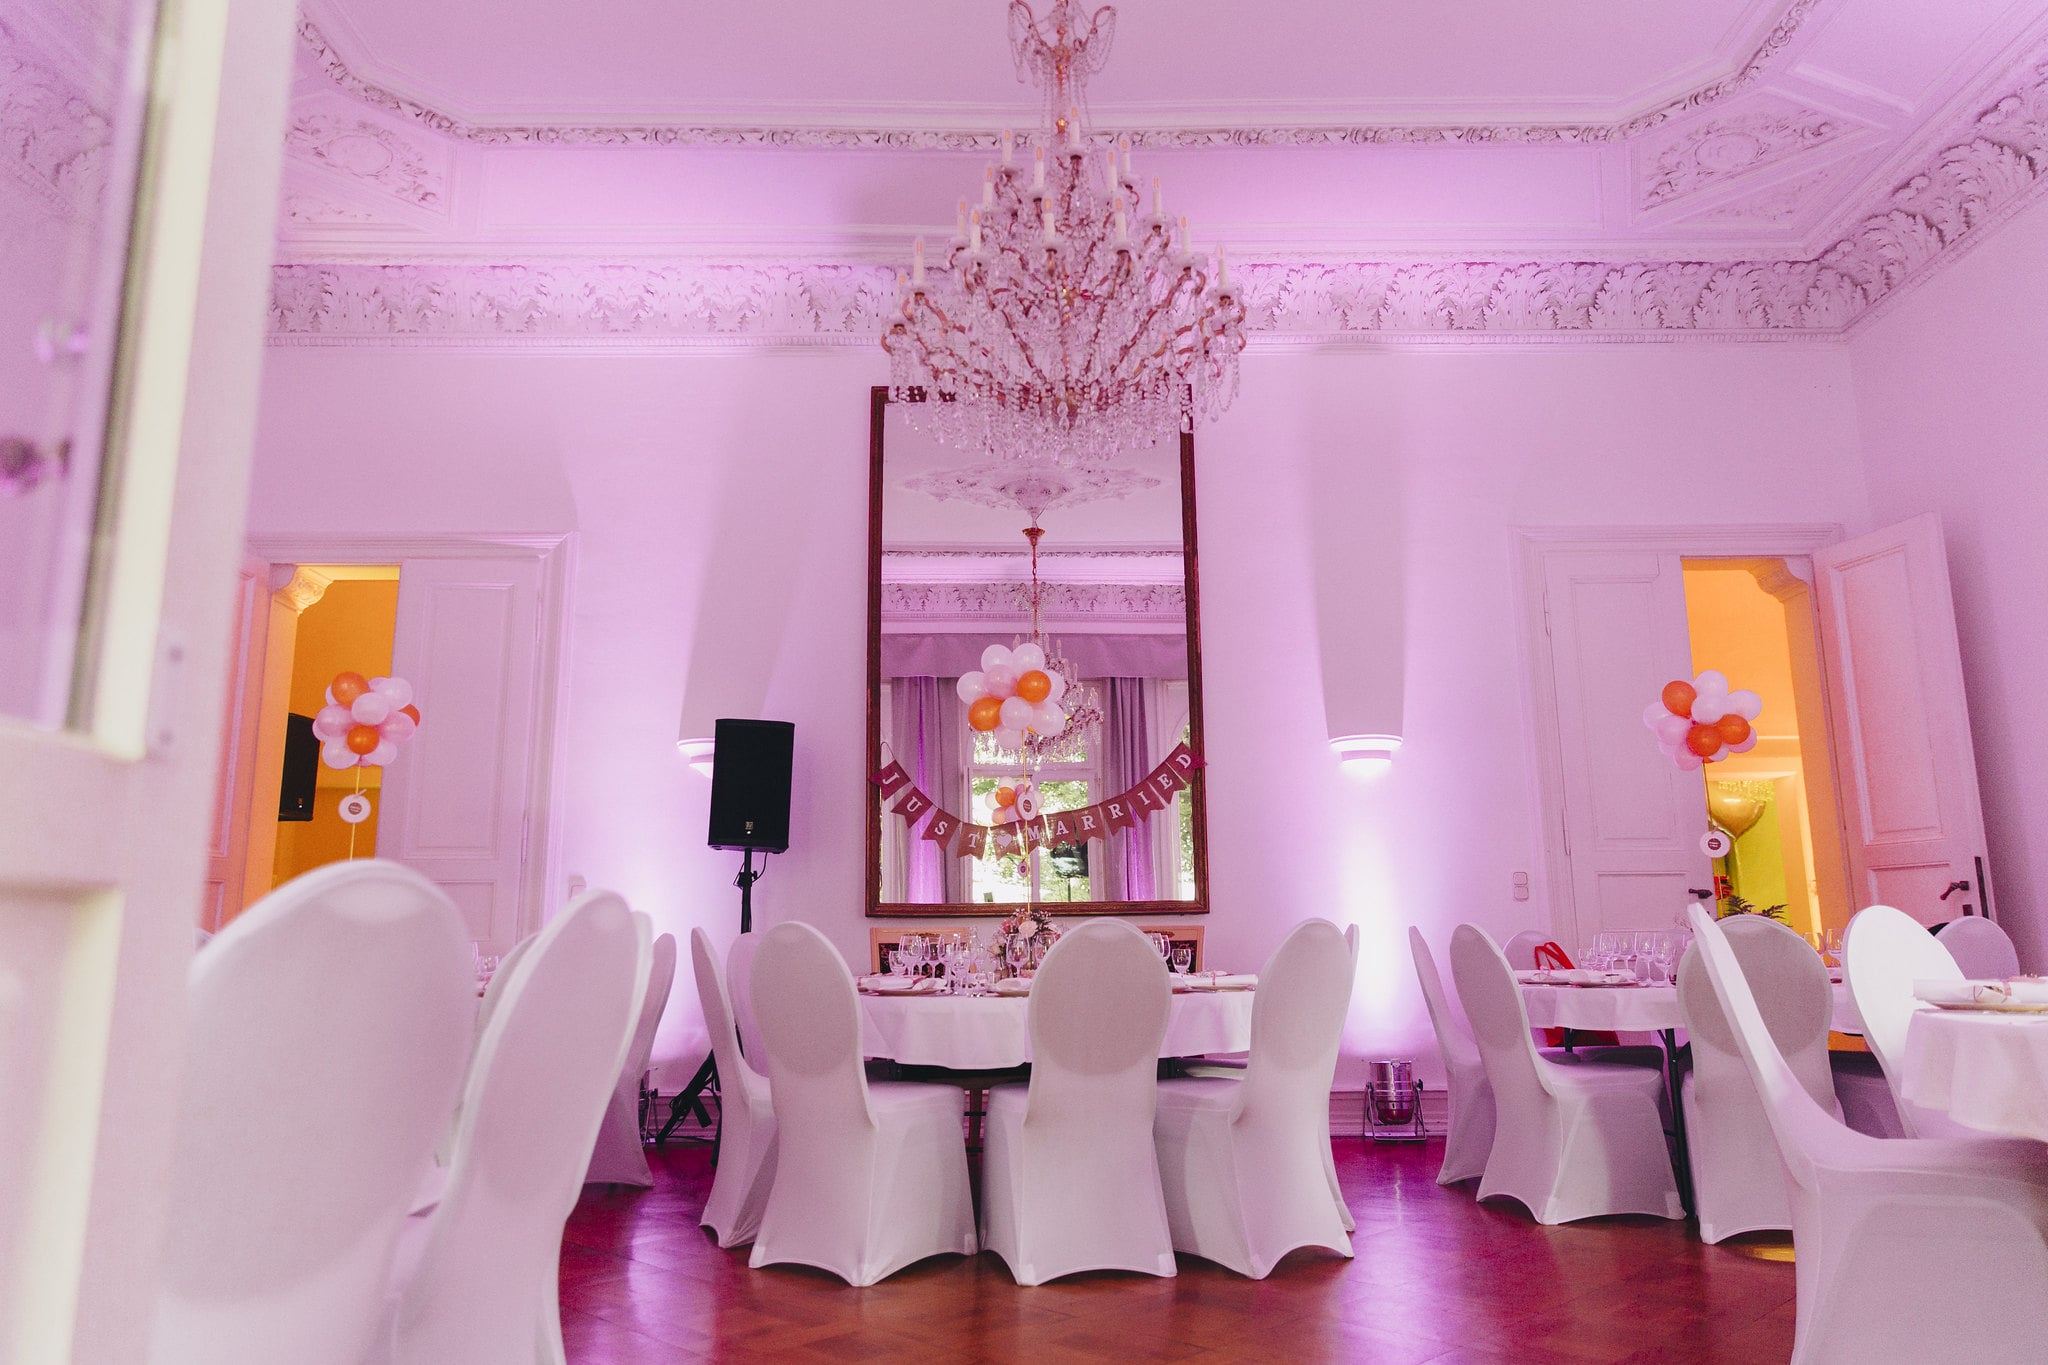 Hochzeit Villa Kalles 20  – gesehen bei frauimmer-herrewig.de